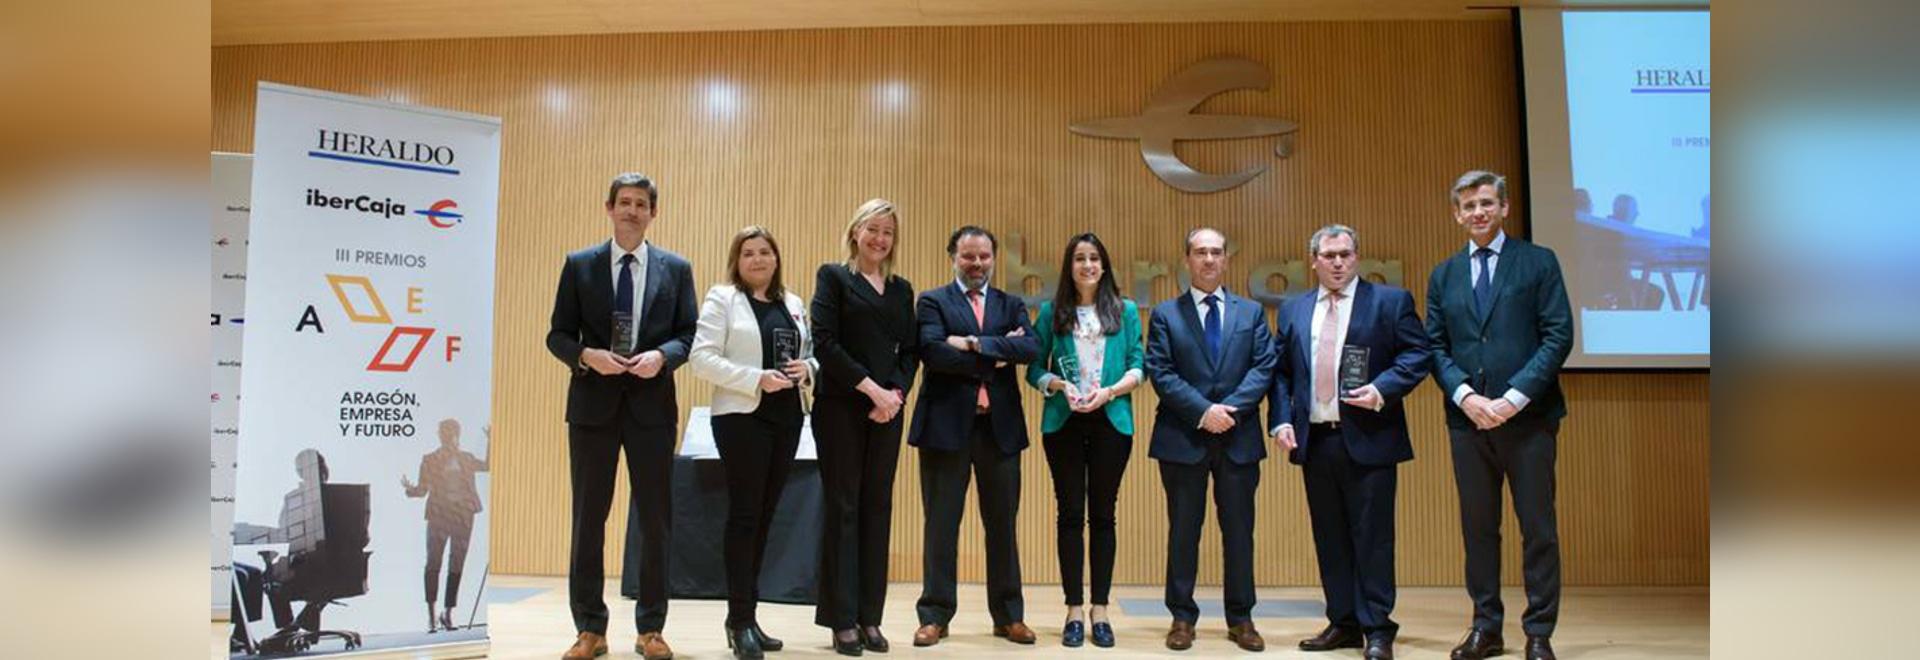 Airfal riceve l'impresa di Aragón ed il premio futuro per quanto riguarda responsabilità sociale